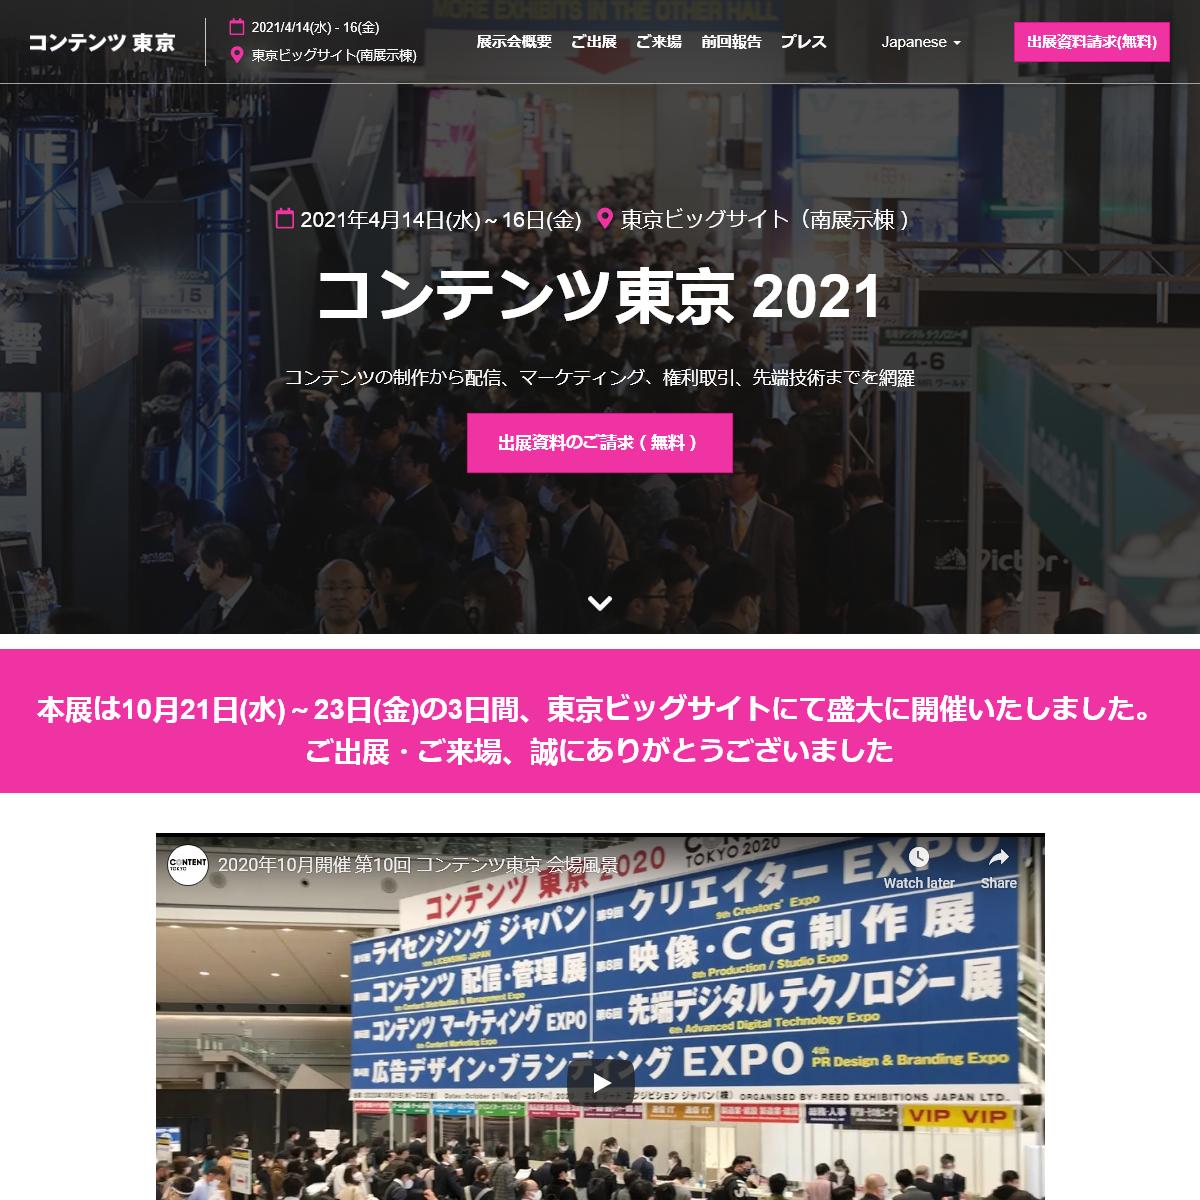 コンテンツ東京 - リード エグジビション ジャパン株式会社